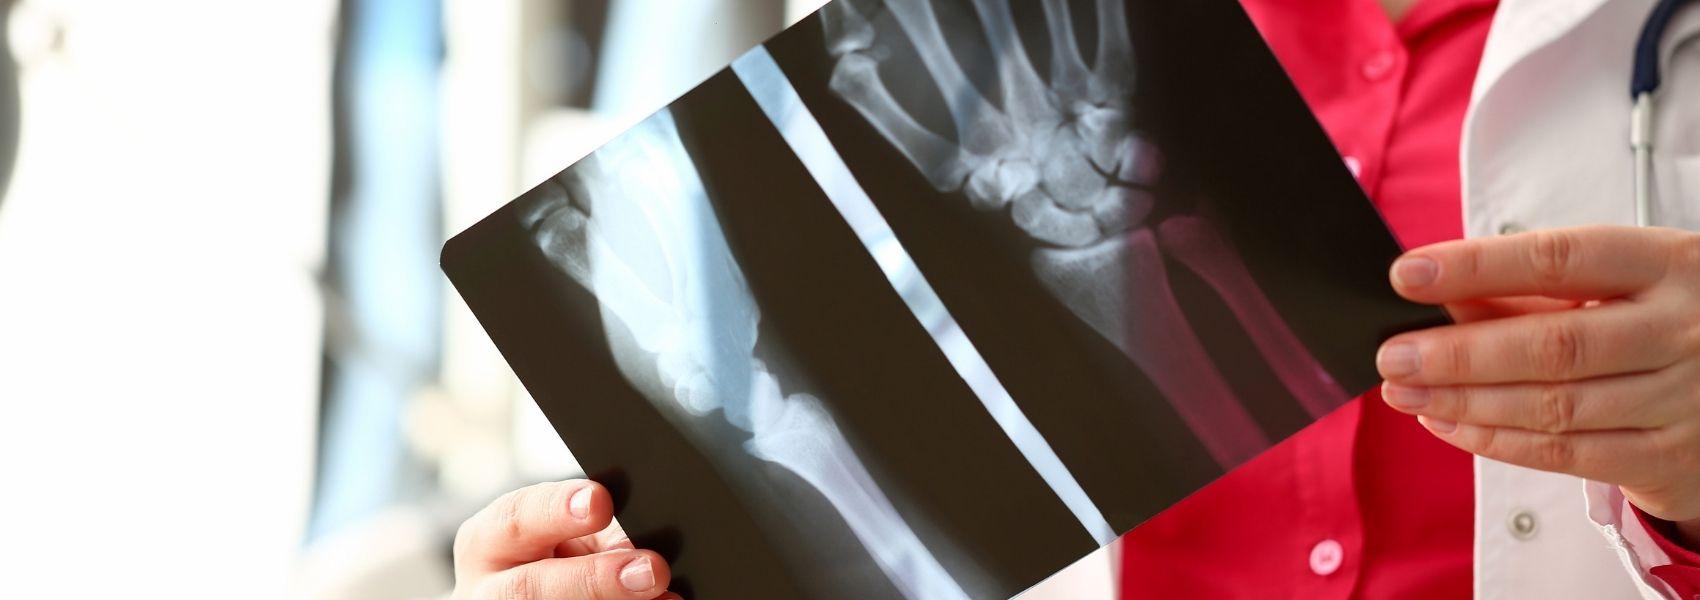 As recomendações europeias para melhorar cuidado de pessoas com artrite inflamatória